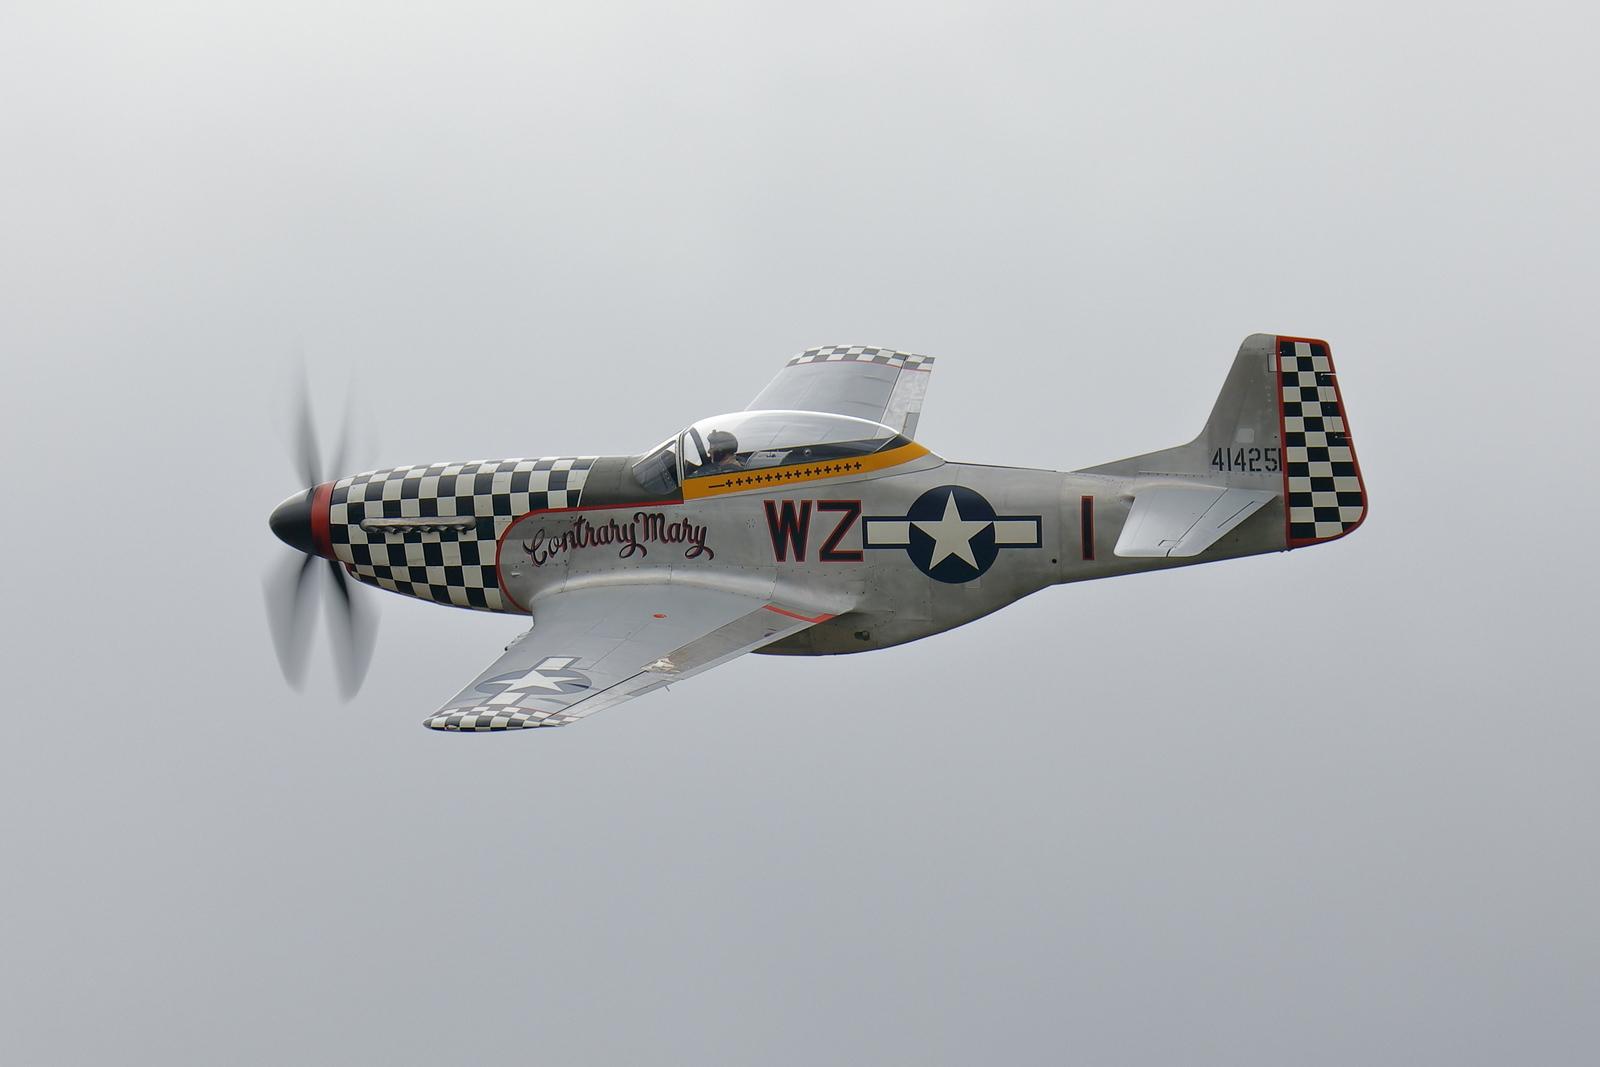 IMAGE: https://photos.smugmug.com/Aircraft/Props/i-3m5Tp6S/0/cd636552/X3/00020552-X3.jpg